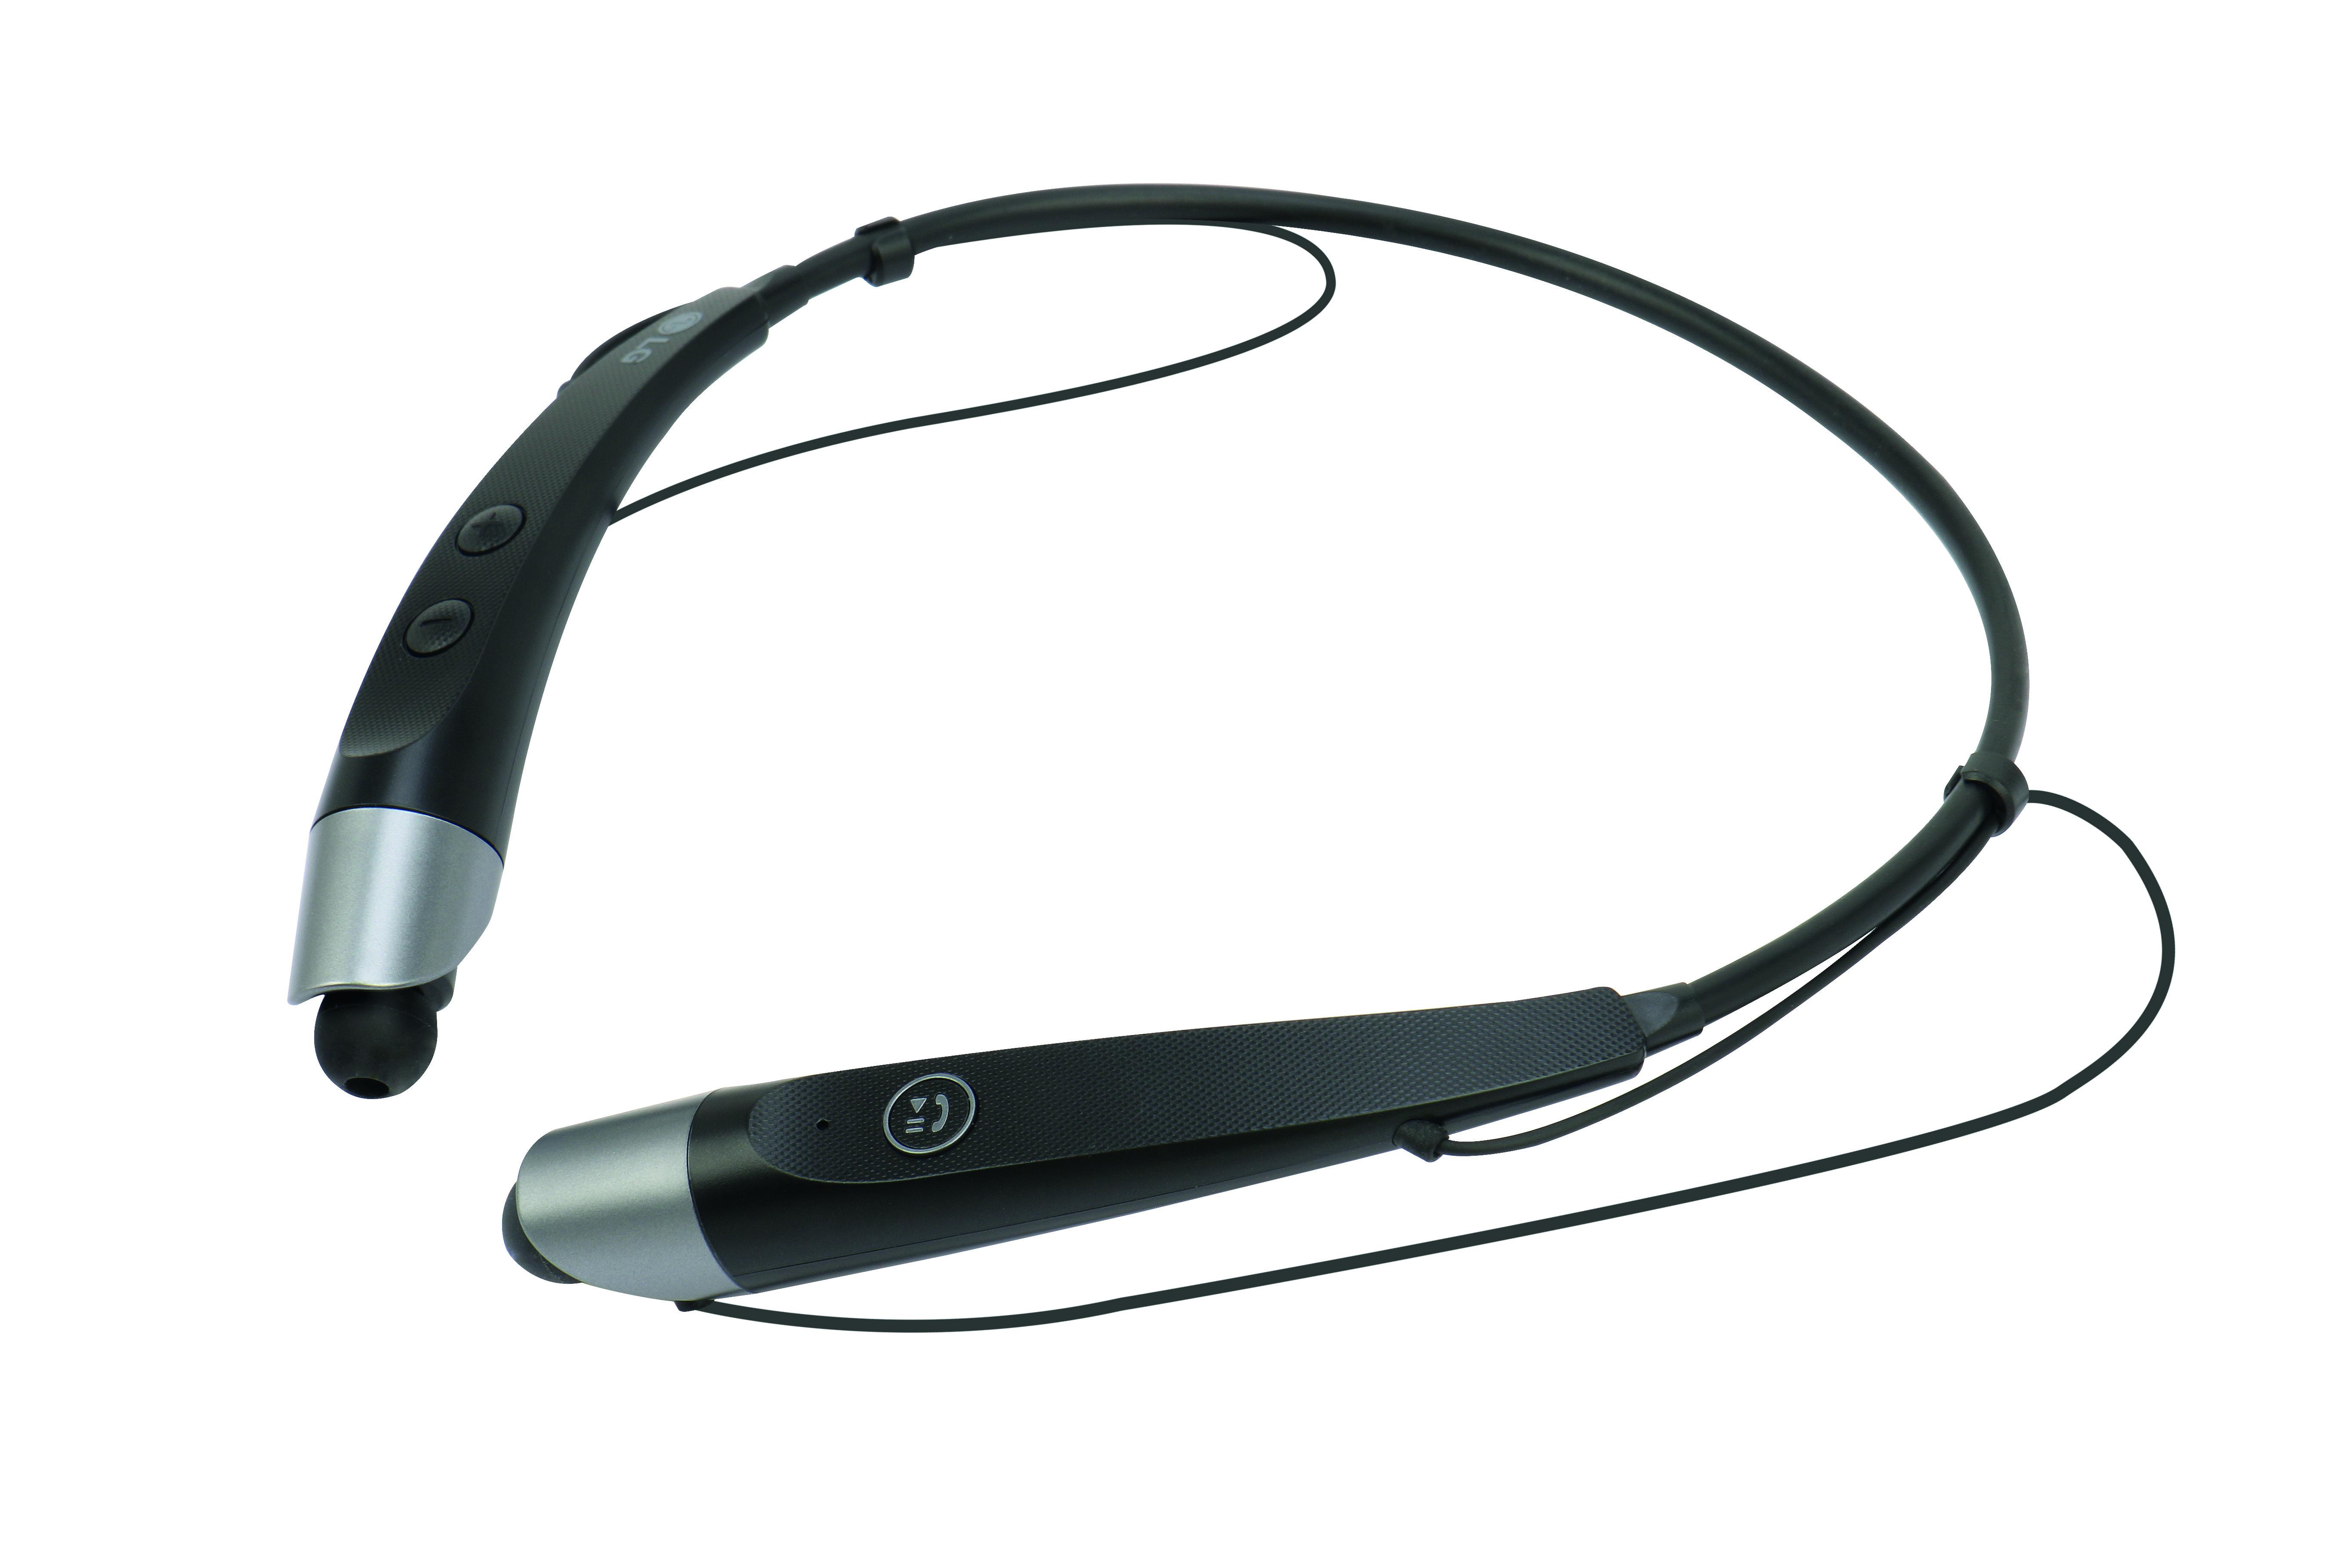 LG Tone HBS-500_black - 5